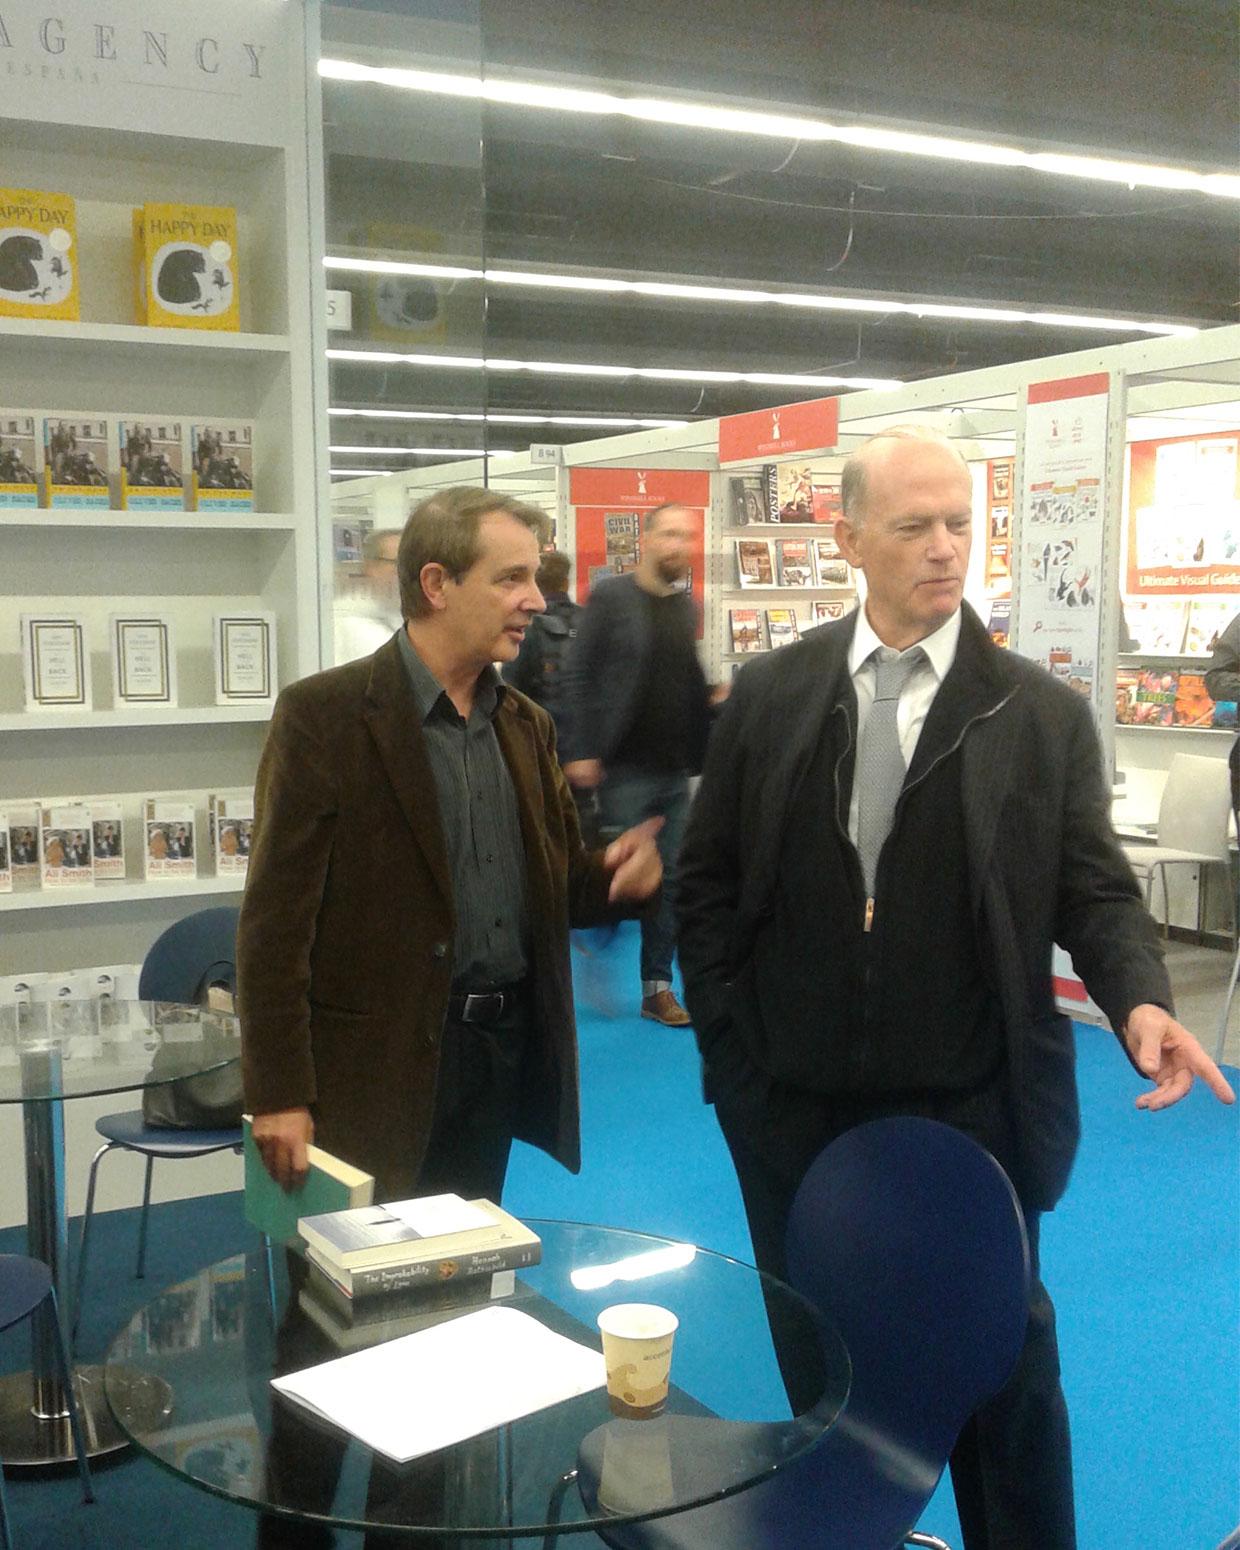 El agente literario Andrew Wylie (Drecha), con Joan Tarrida, editor de Galaxia Gutenberg, en la Feria de Fráncfort 2015. / FOTOGRAFÍA DE WINSTON MANRIQUE